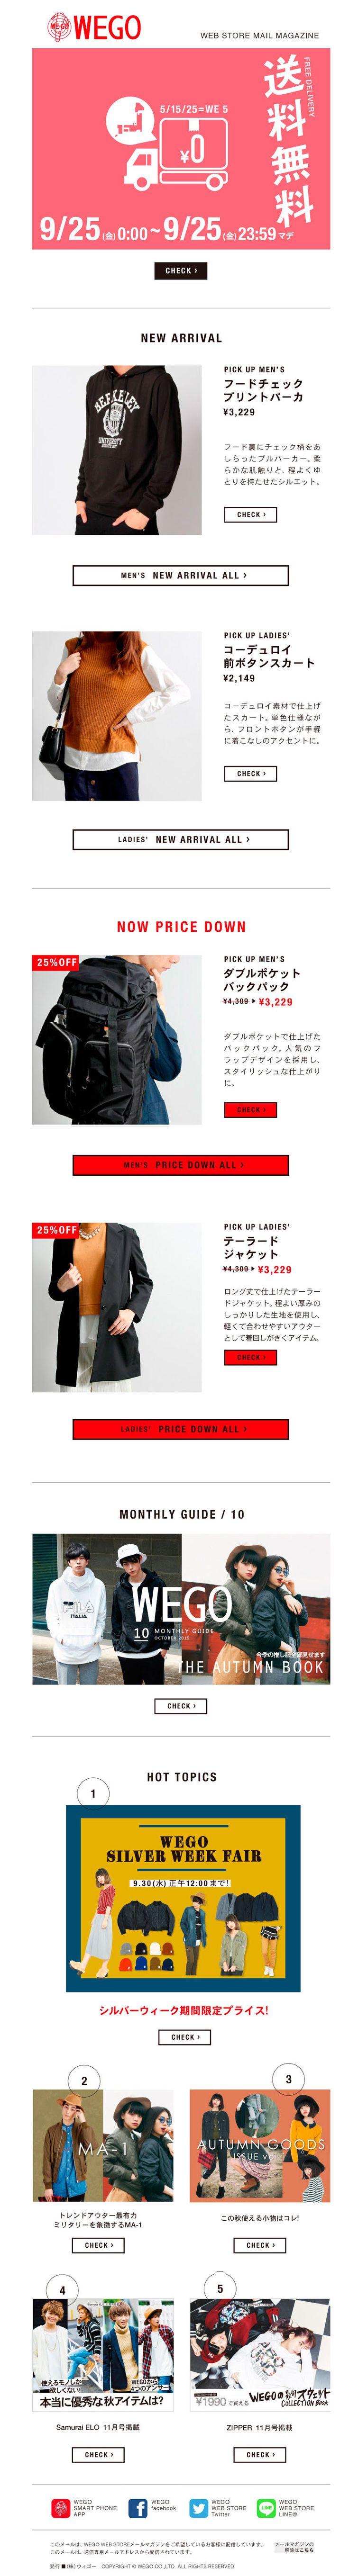 FireShot Capture 4 - 【全品送料無料】明日9_25(金)はWE5の日!欲しかった秋服をお得にGET! - _ - https___mail.google.com_mail_u_2_のコピー